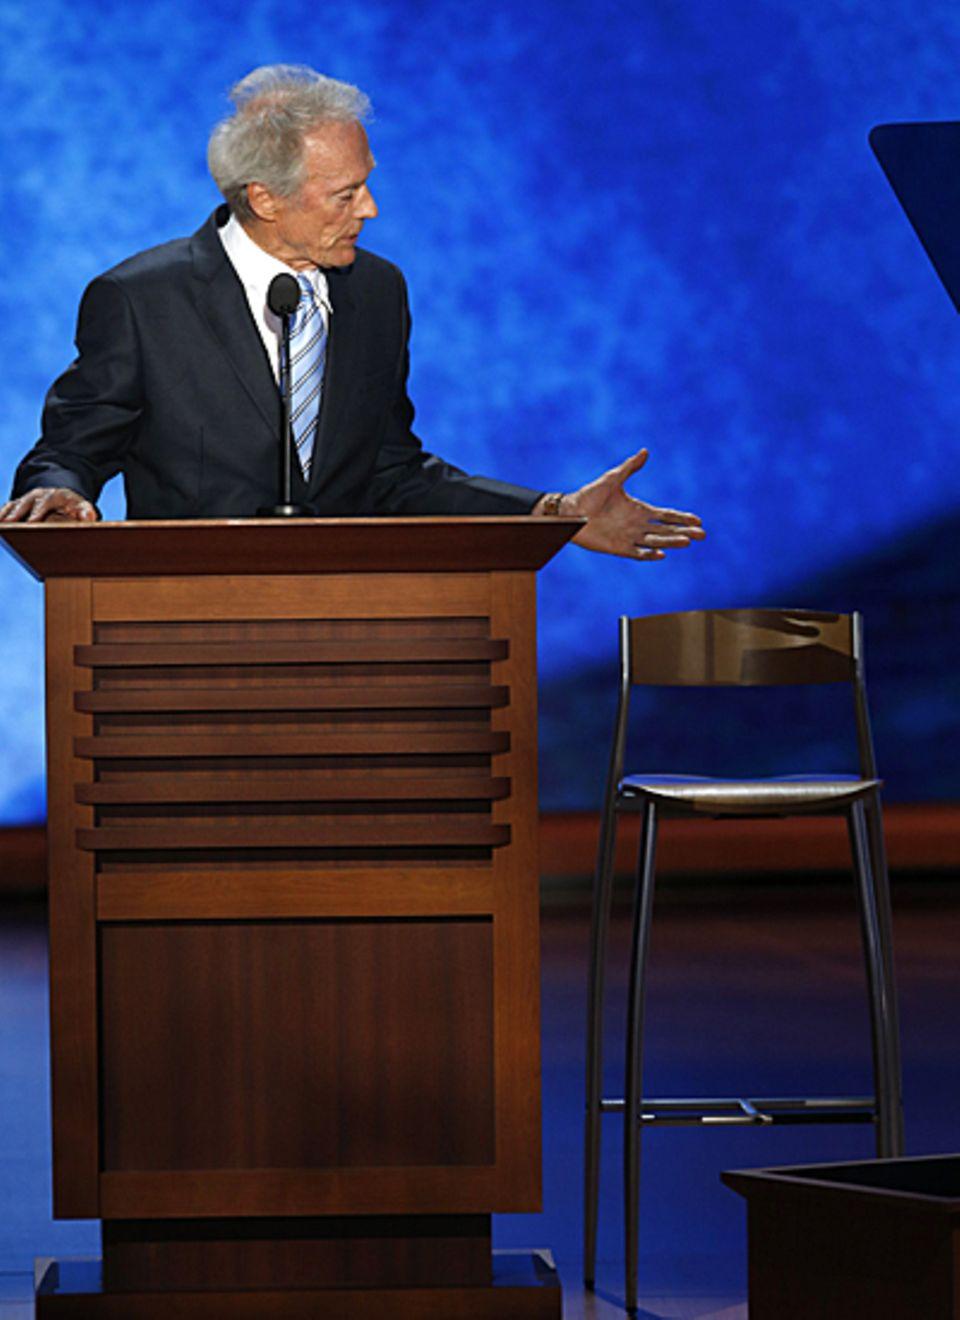 Clint Eastwood ist bekennender Romney-Fan. Beim Parteitag der Republikaner legt er allerdings einen Auftritt hin, der eher als w